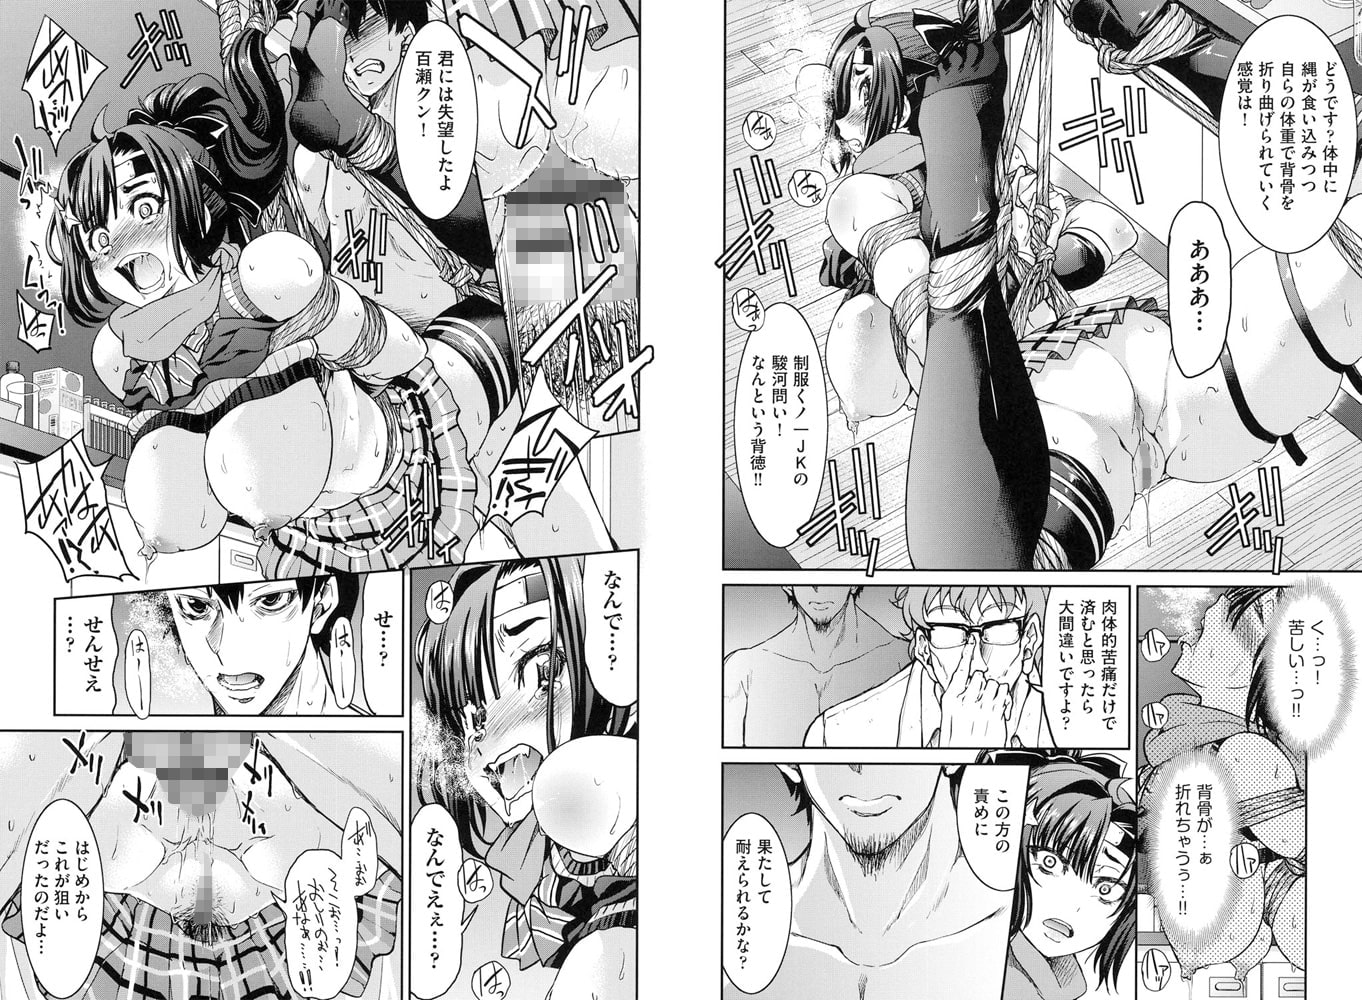 【JK】井上よしひさ先生2冊パック(202011)